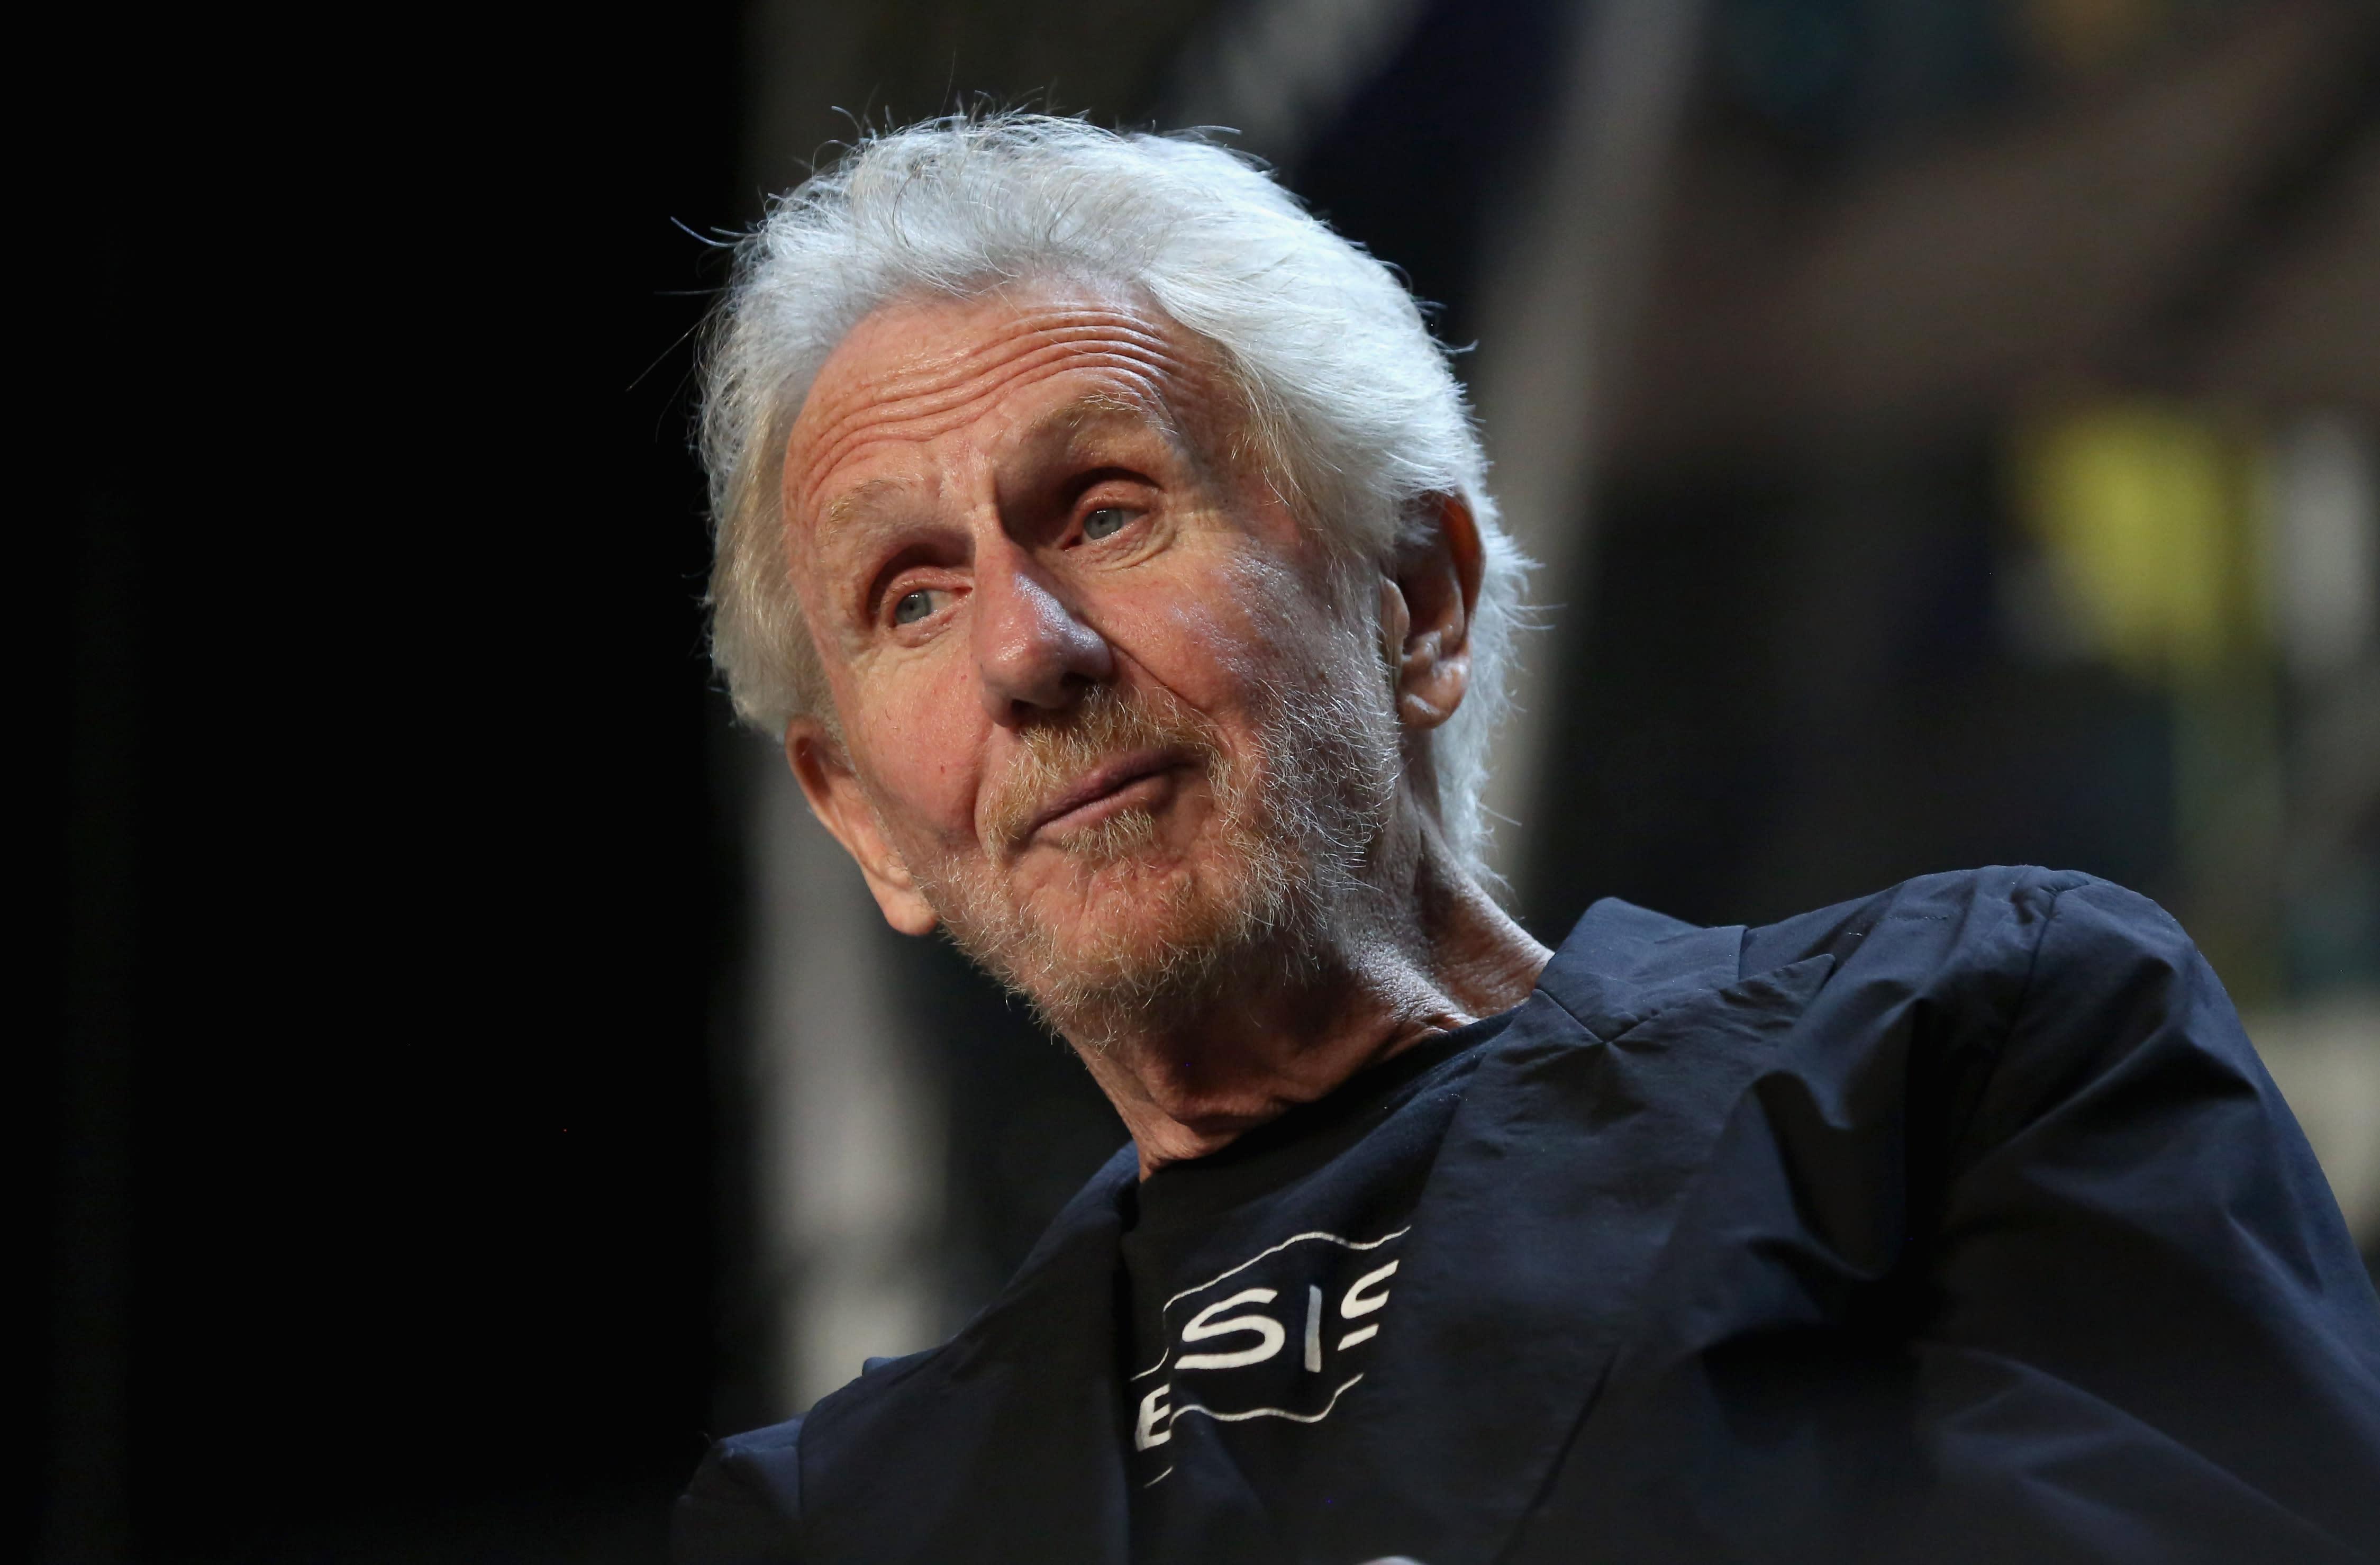 'Star Trek: Deep Space Nine' actor René Auberjonois dies at 79